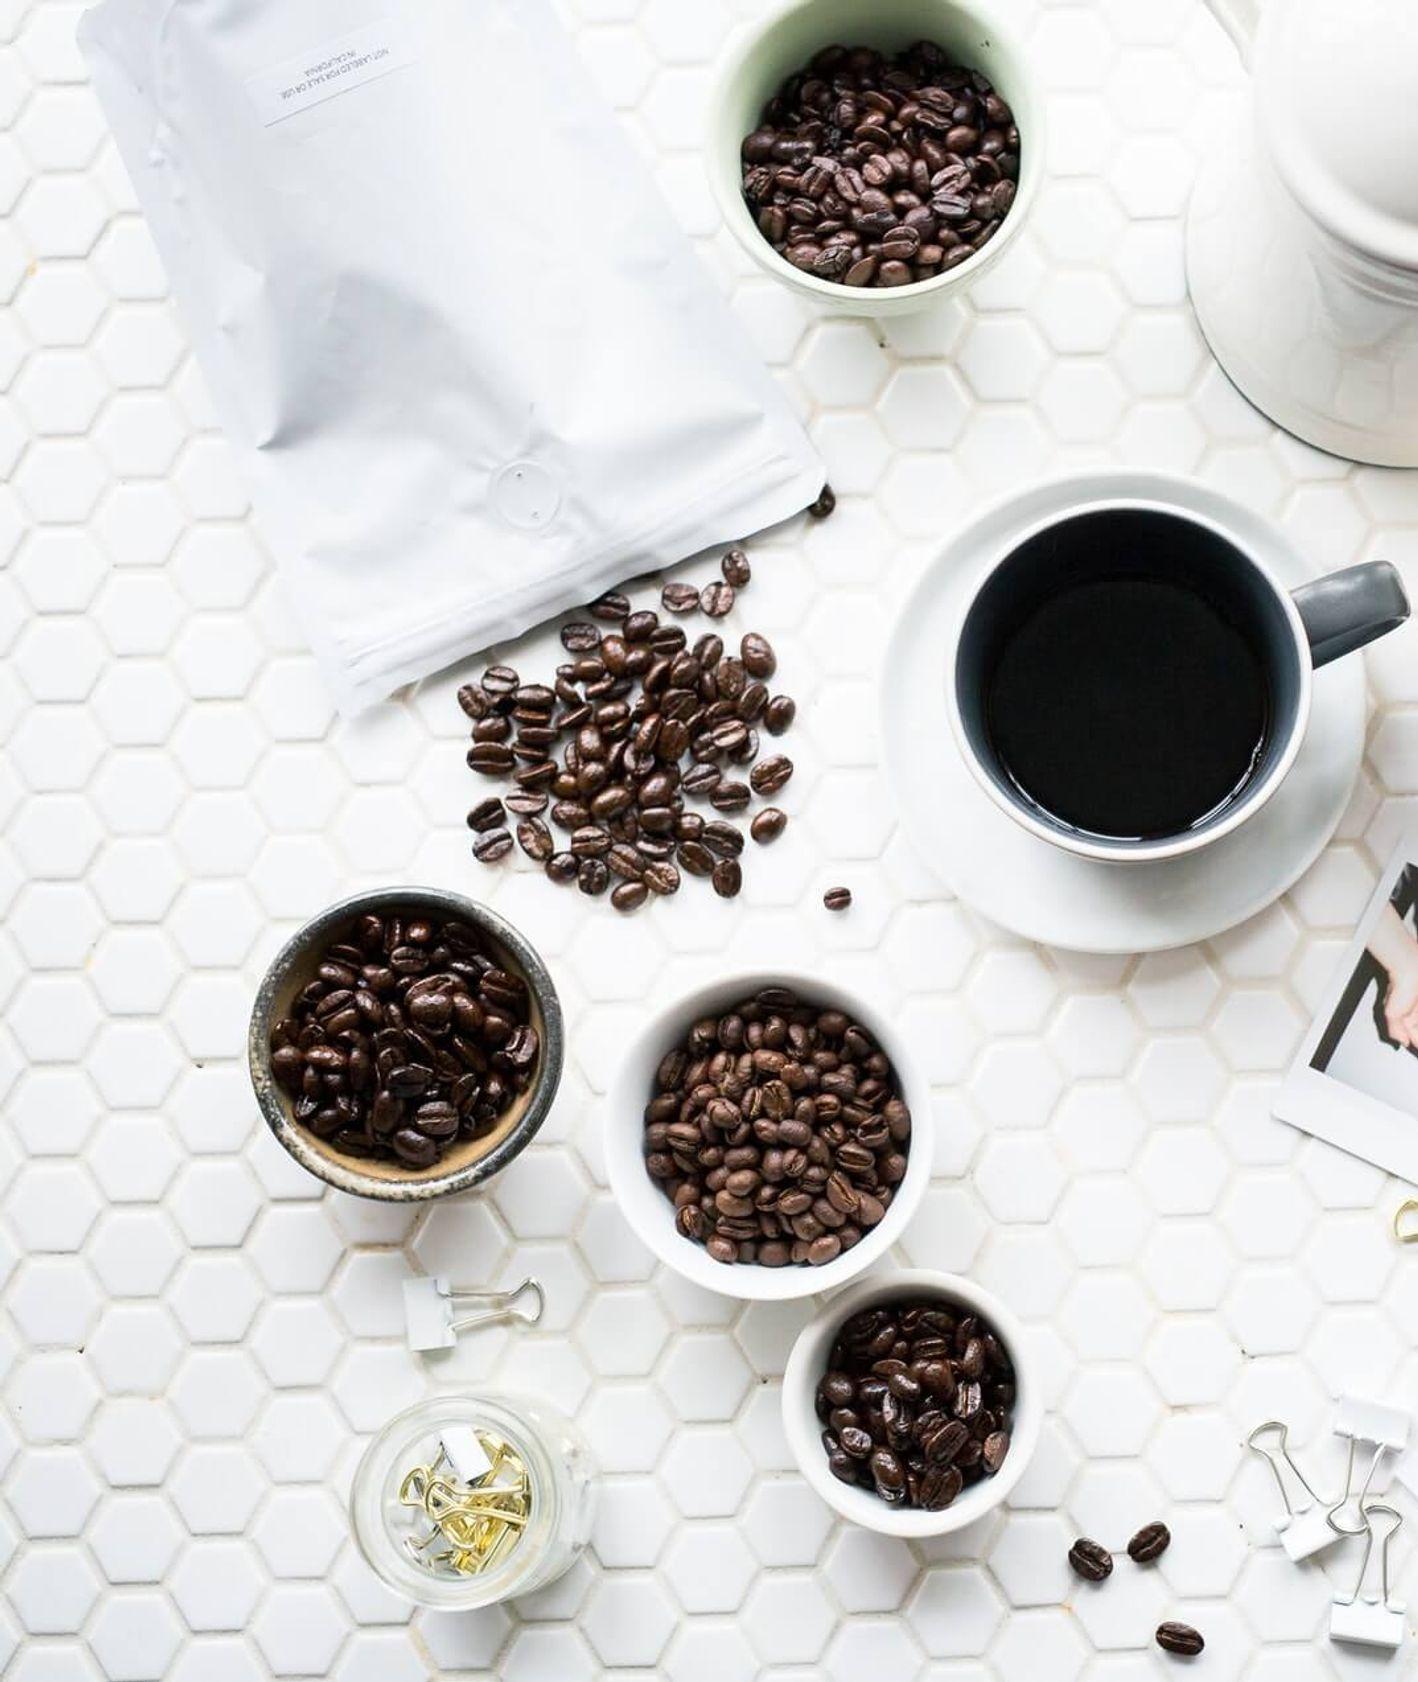 czy powinno się rezygnować z kawy